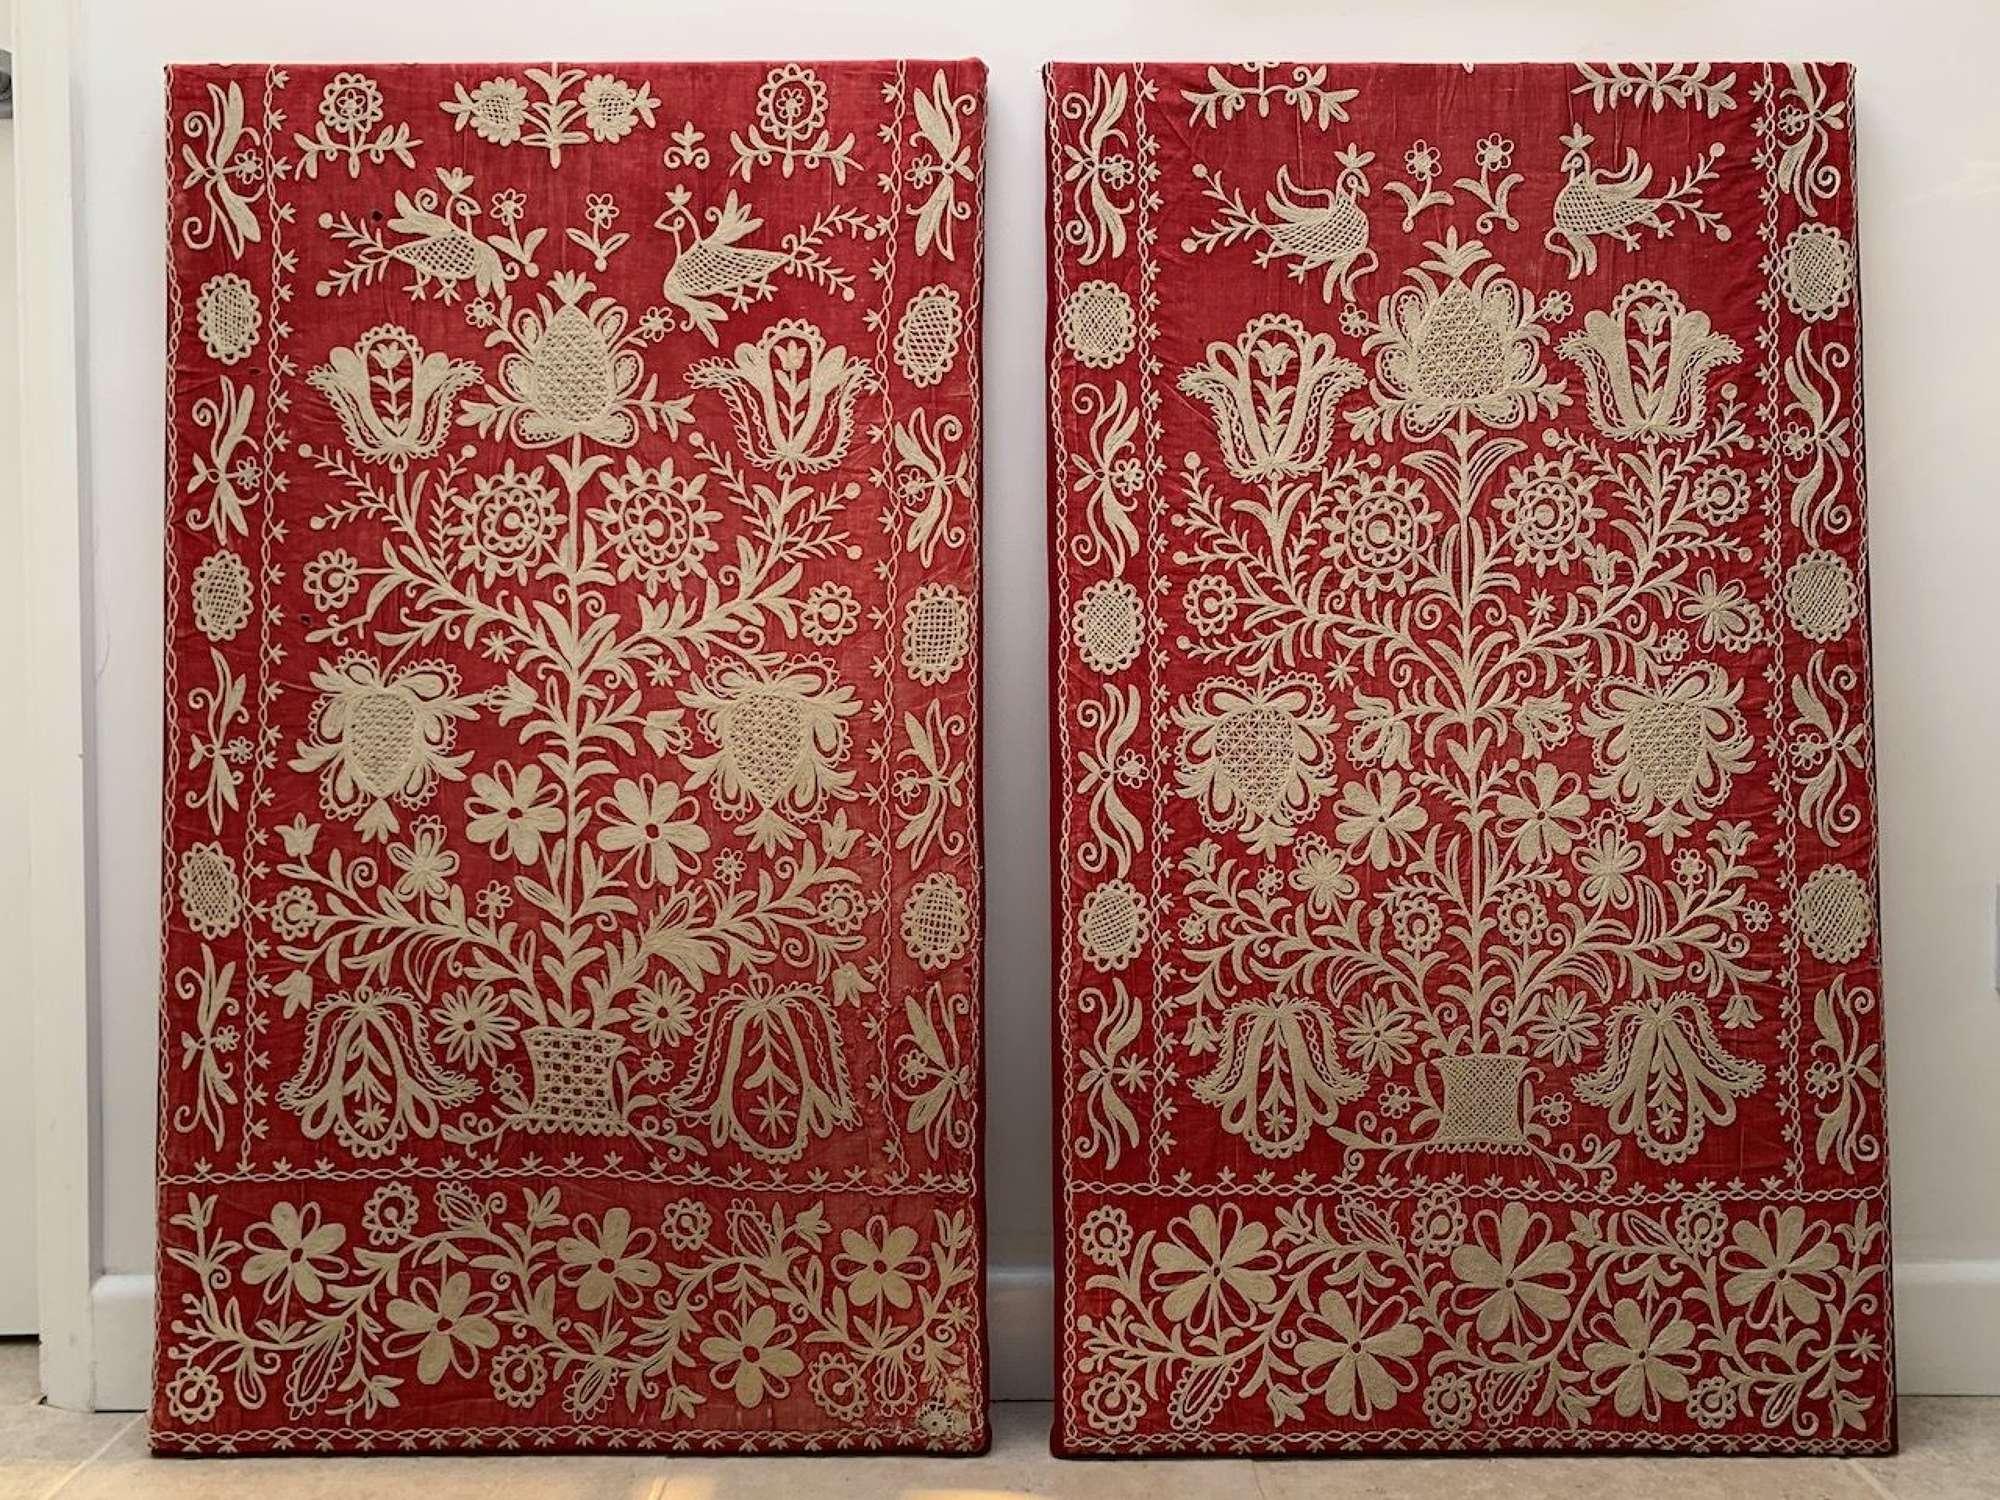 A pair of Greek applique chainstitch textiles